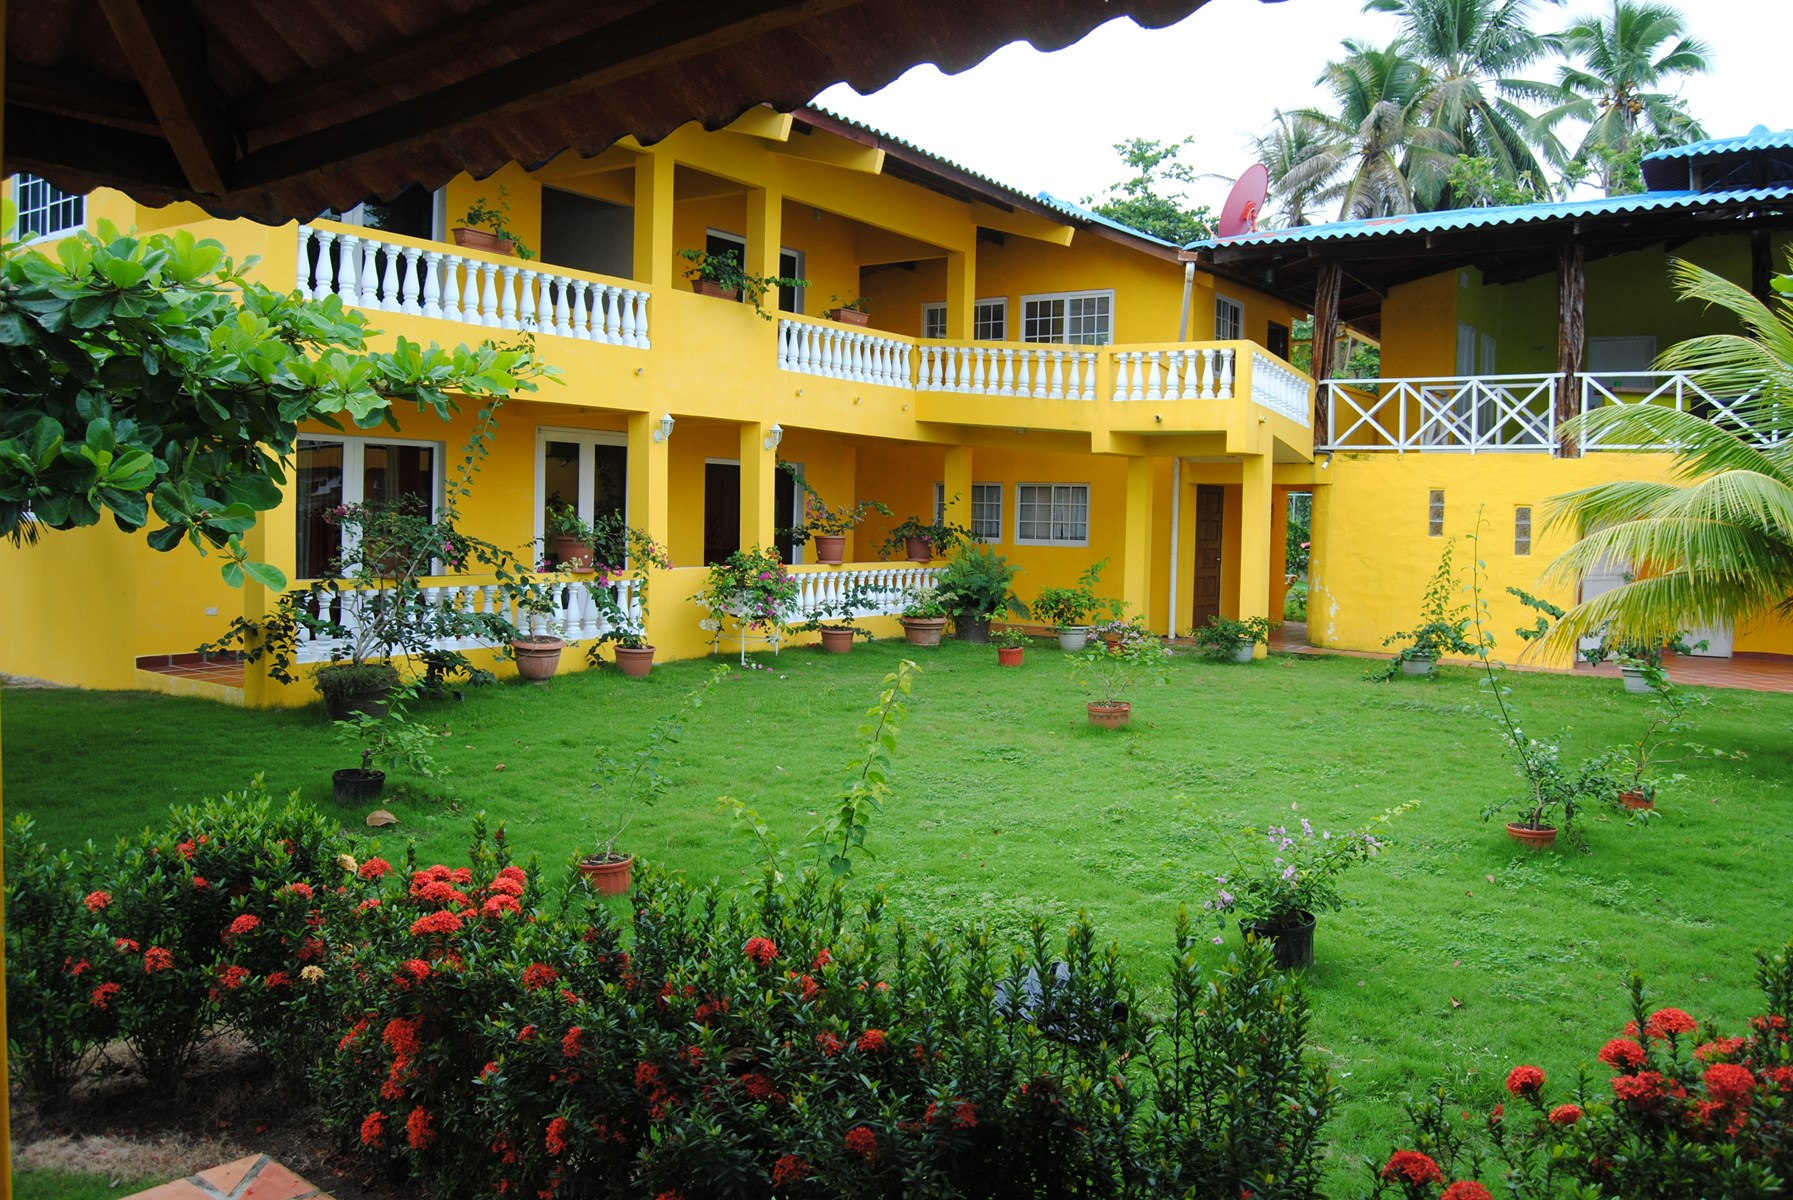 CARIBEAN OCEAN HOUSE FOR SALE COSTA ARRIBA COLON LA GUAIRA